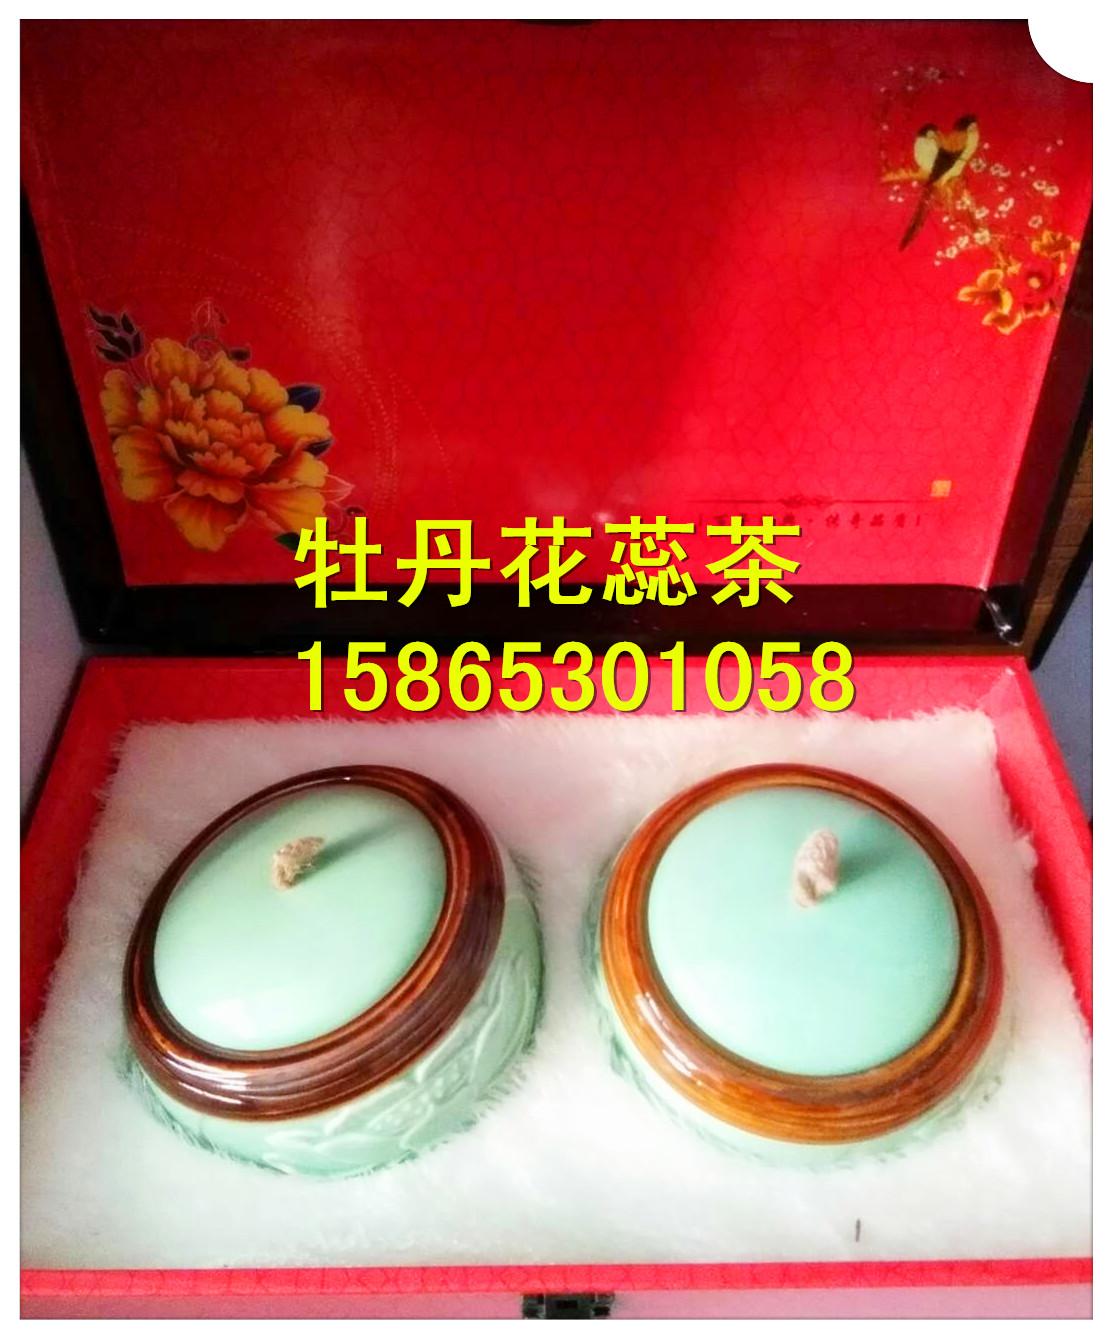 上海保健牡丹花蕊茶厂家直销,上海优质大礼盒牡丹花蕊茶价钱,中秋国庆佳节送礼就选牡丹花蕊茶